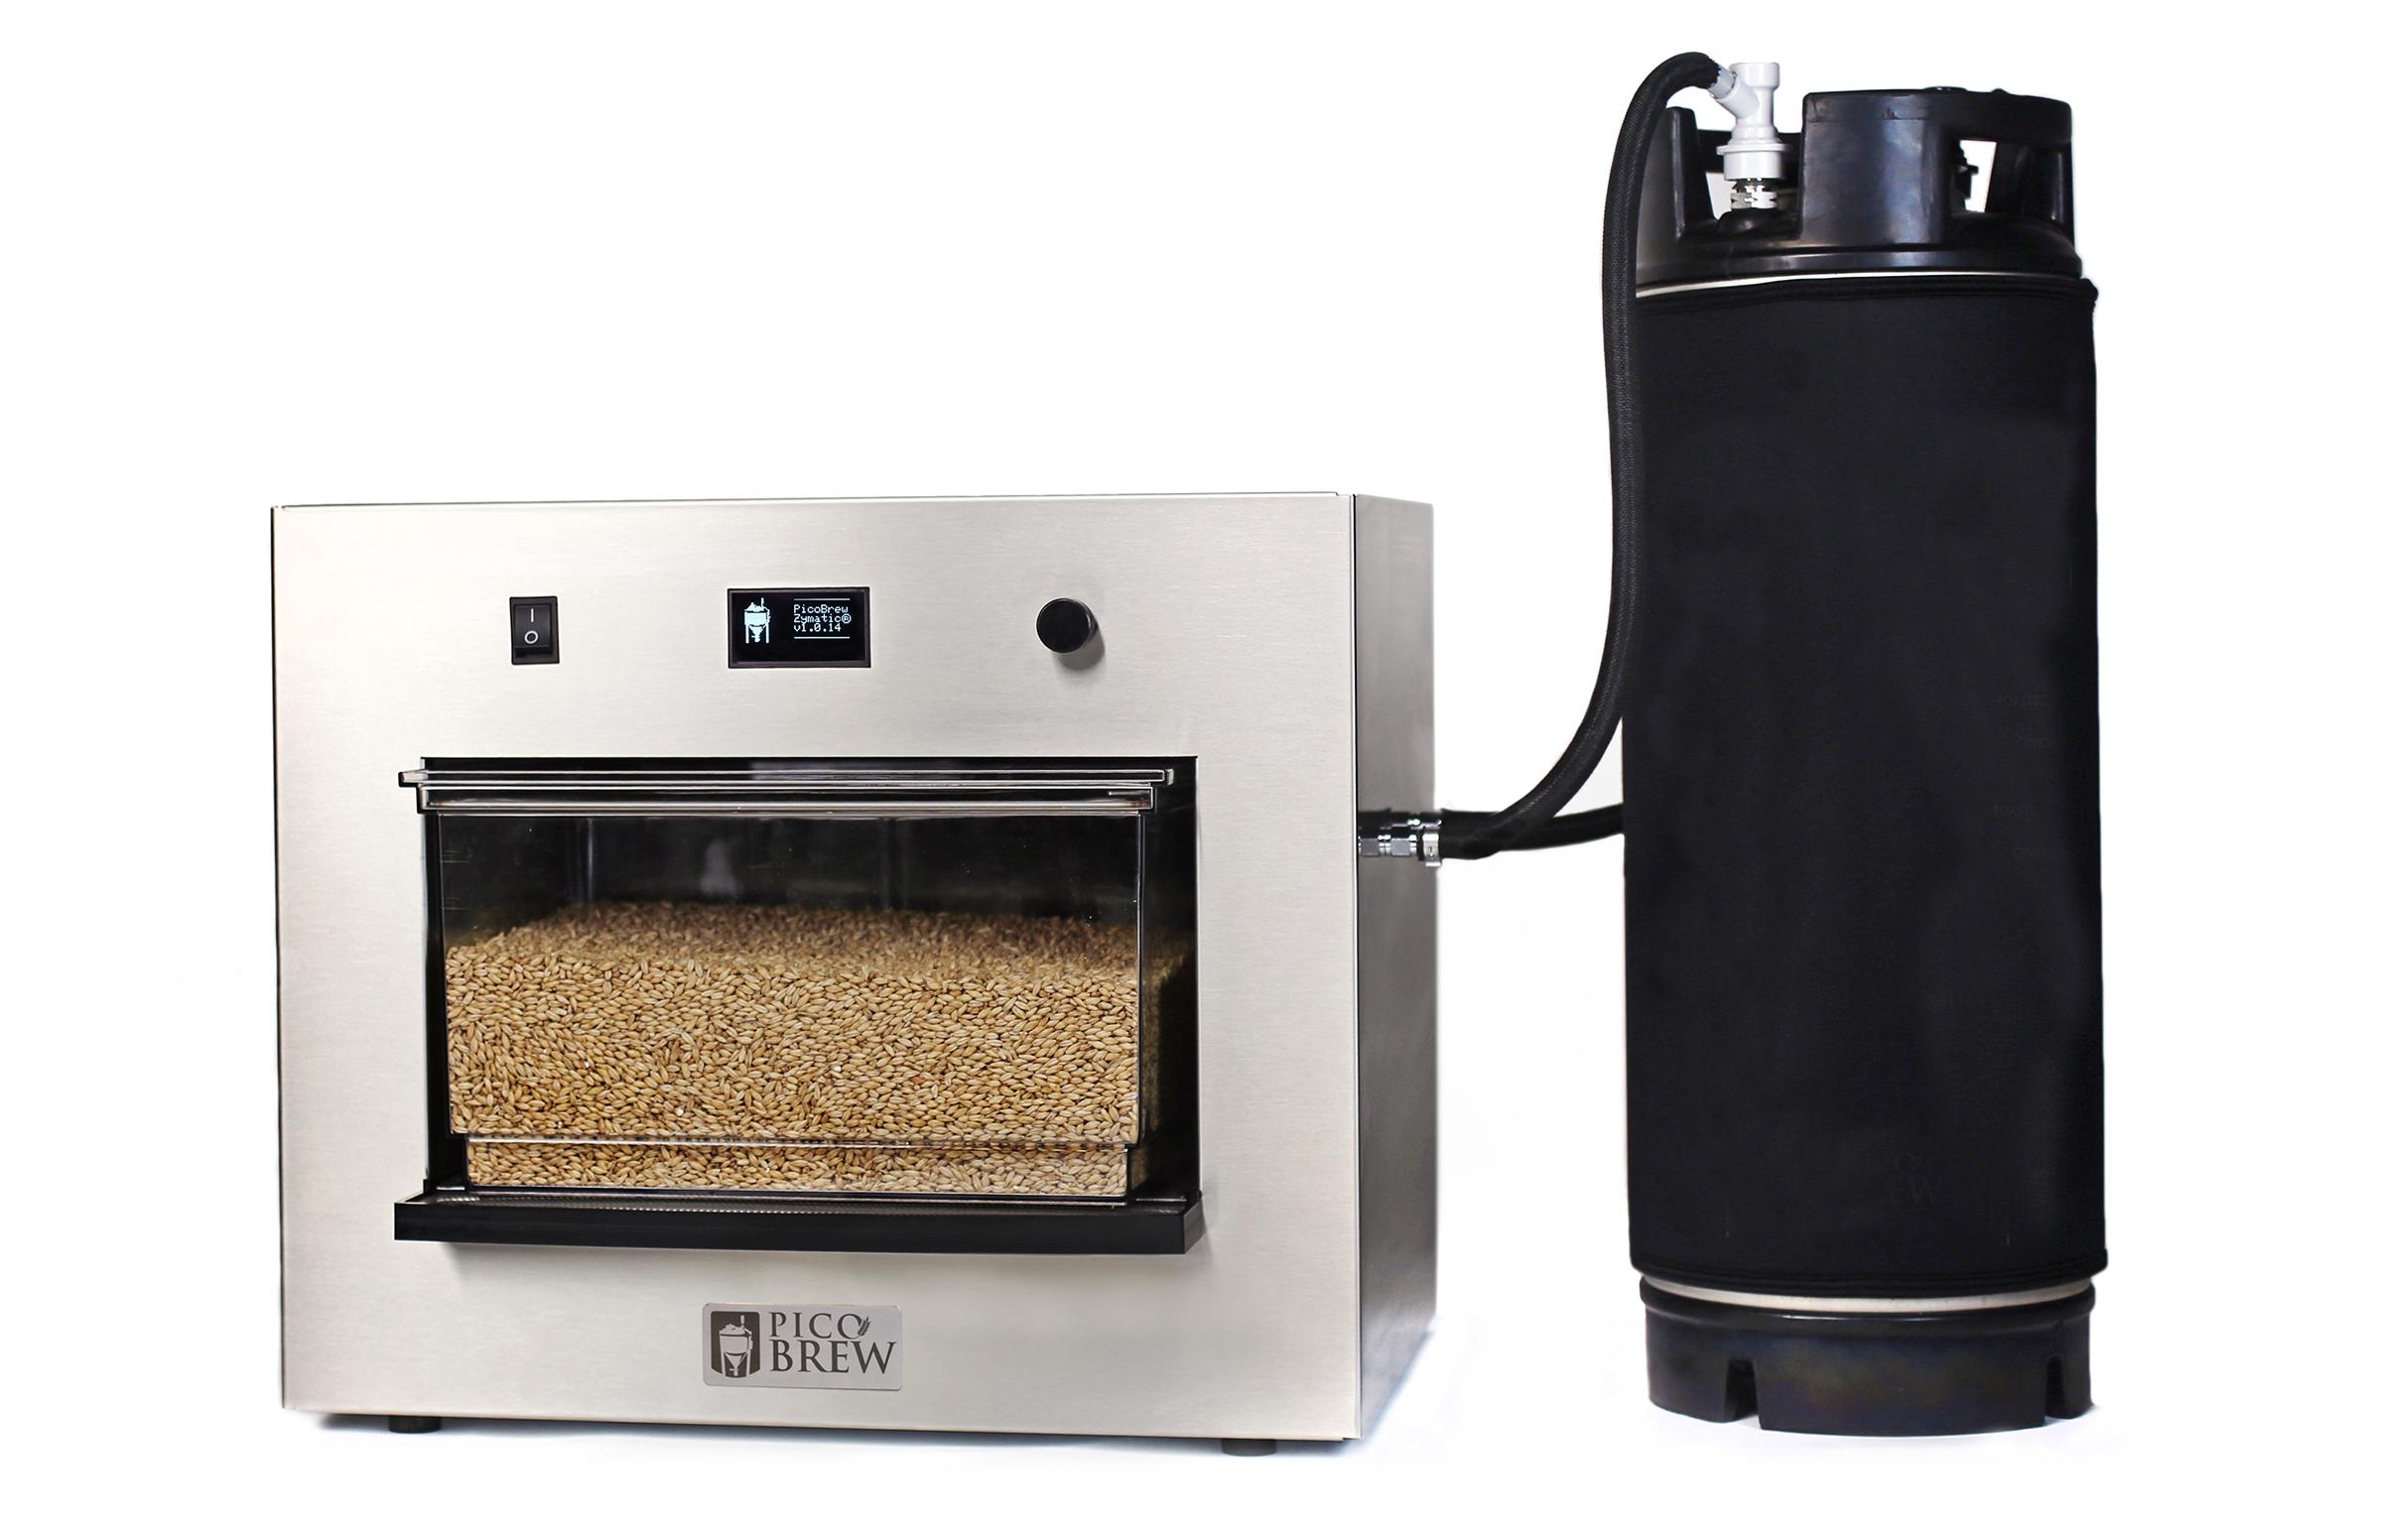 PicoBrew Zymatic Machine with Keg